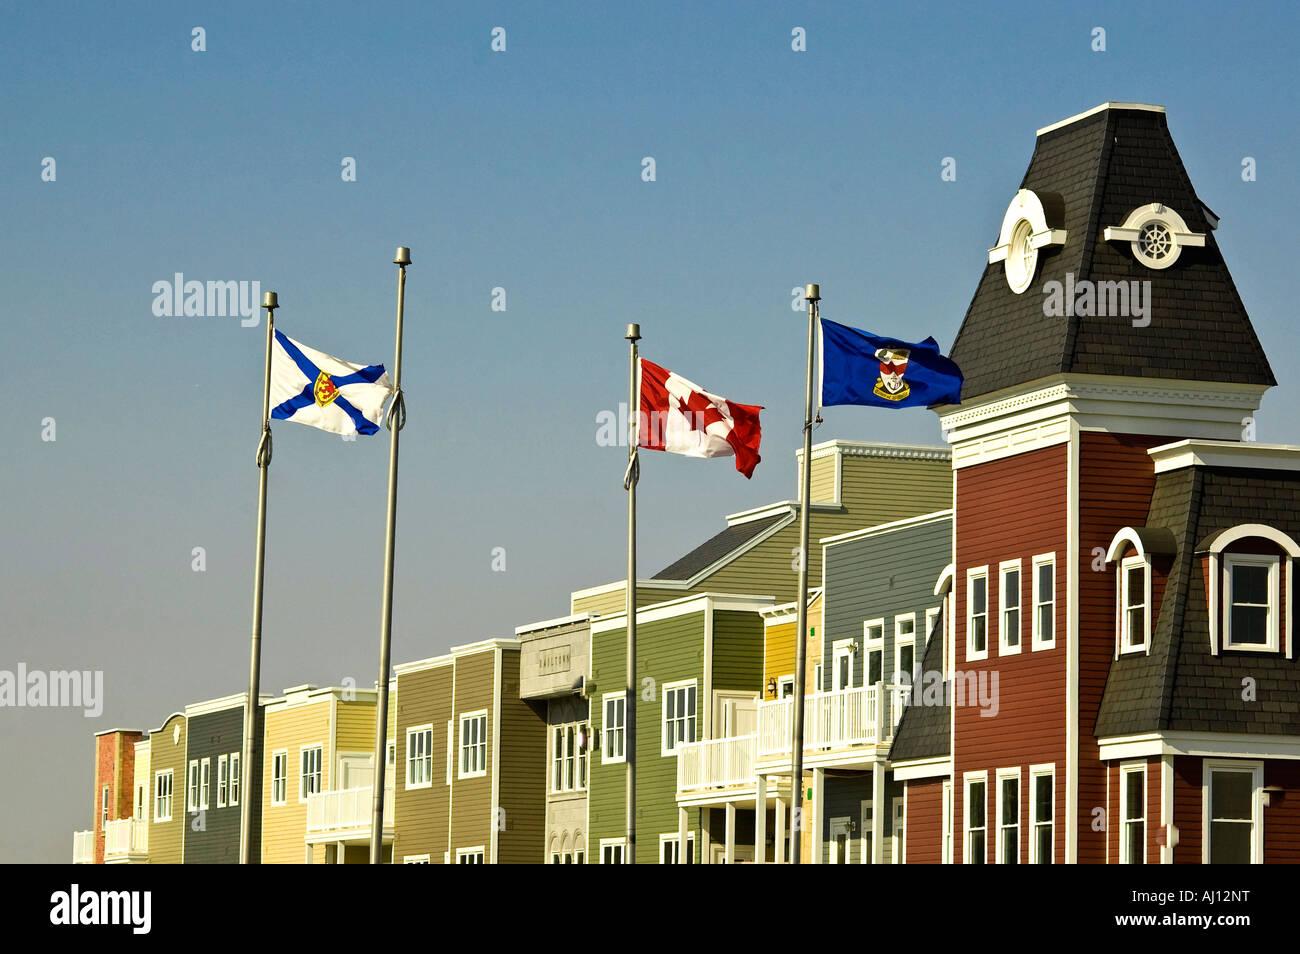 Banderas en frente del nuevo condominio en el centro de Wolfville, Nova Scotia, Canadá. Foto de stock